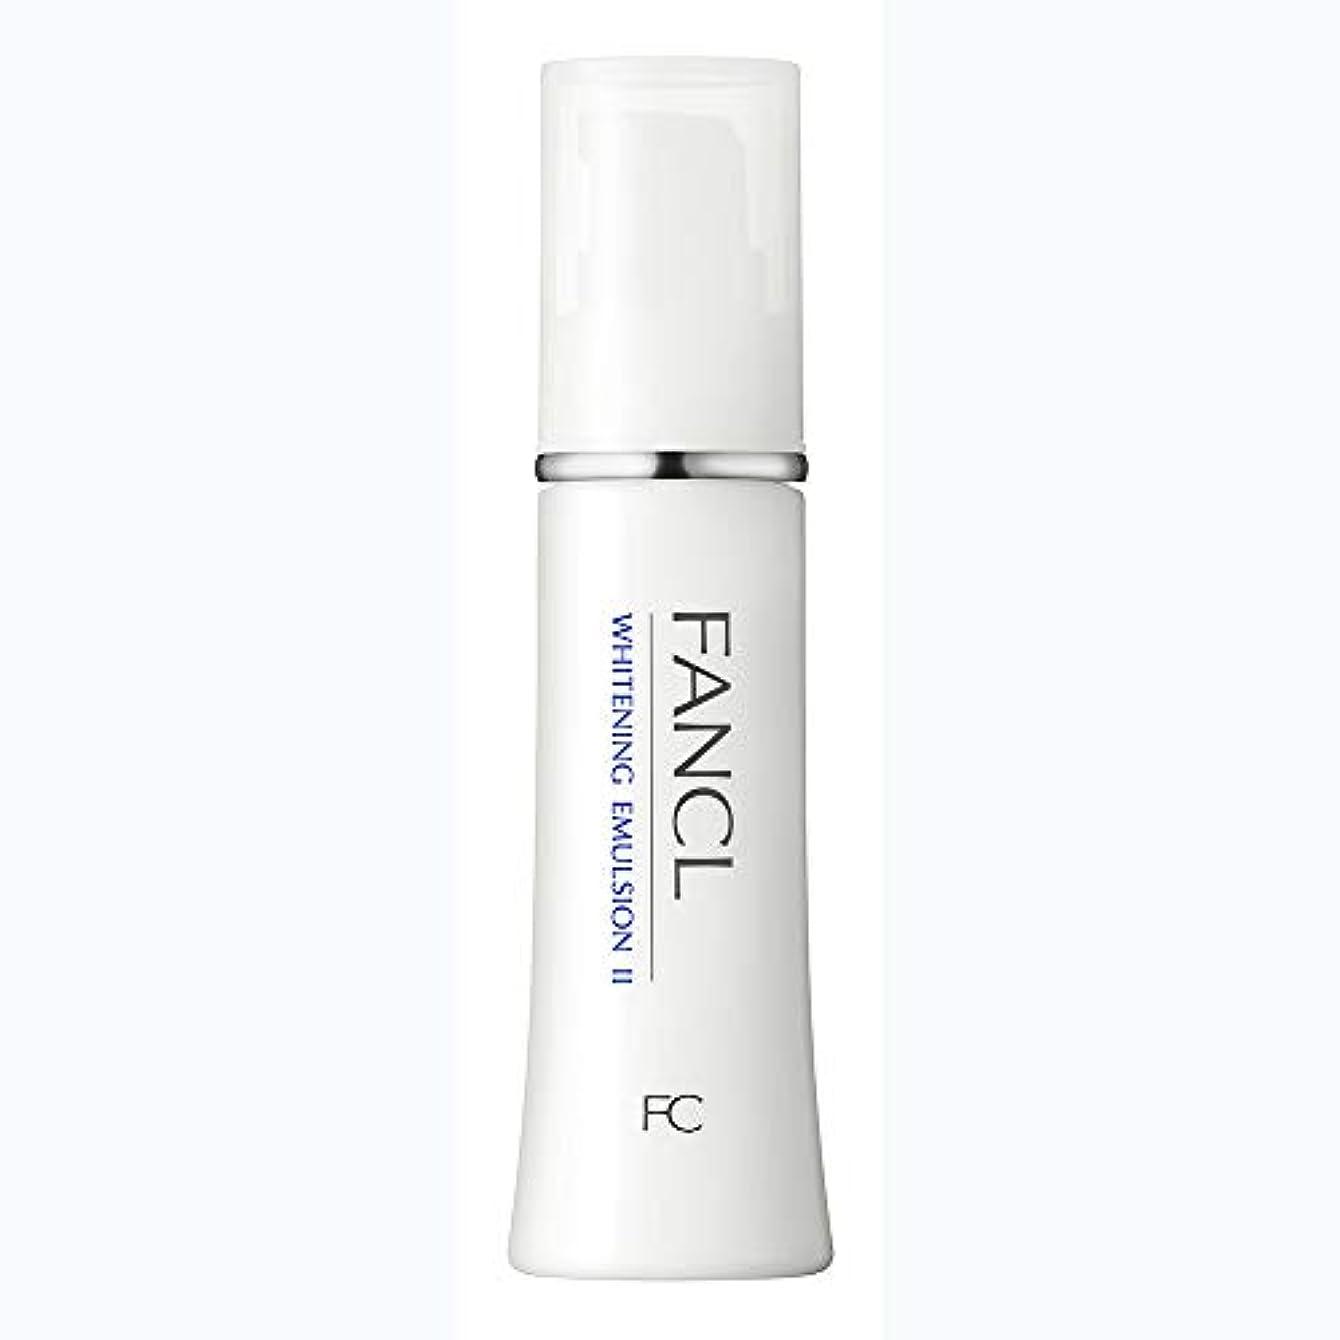 インターネット回答ポインタファンケル(FANCL) 新 ホワイトニング 乳液 II しっとり 1本 30mL<医薬部外品>